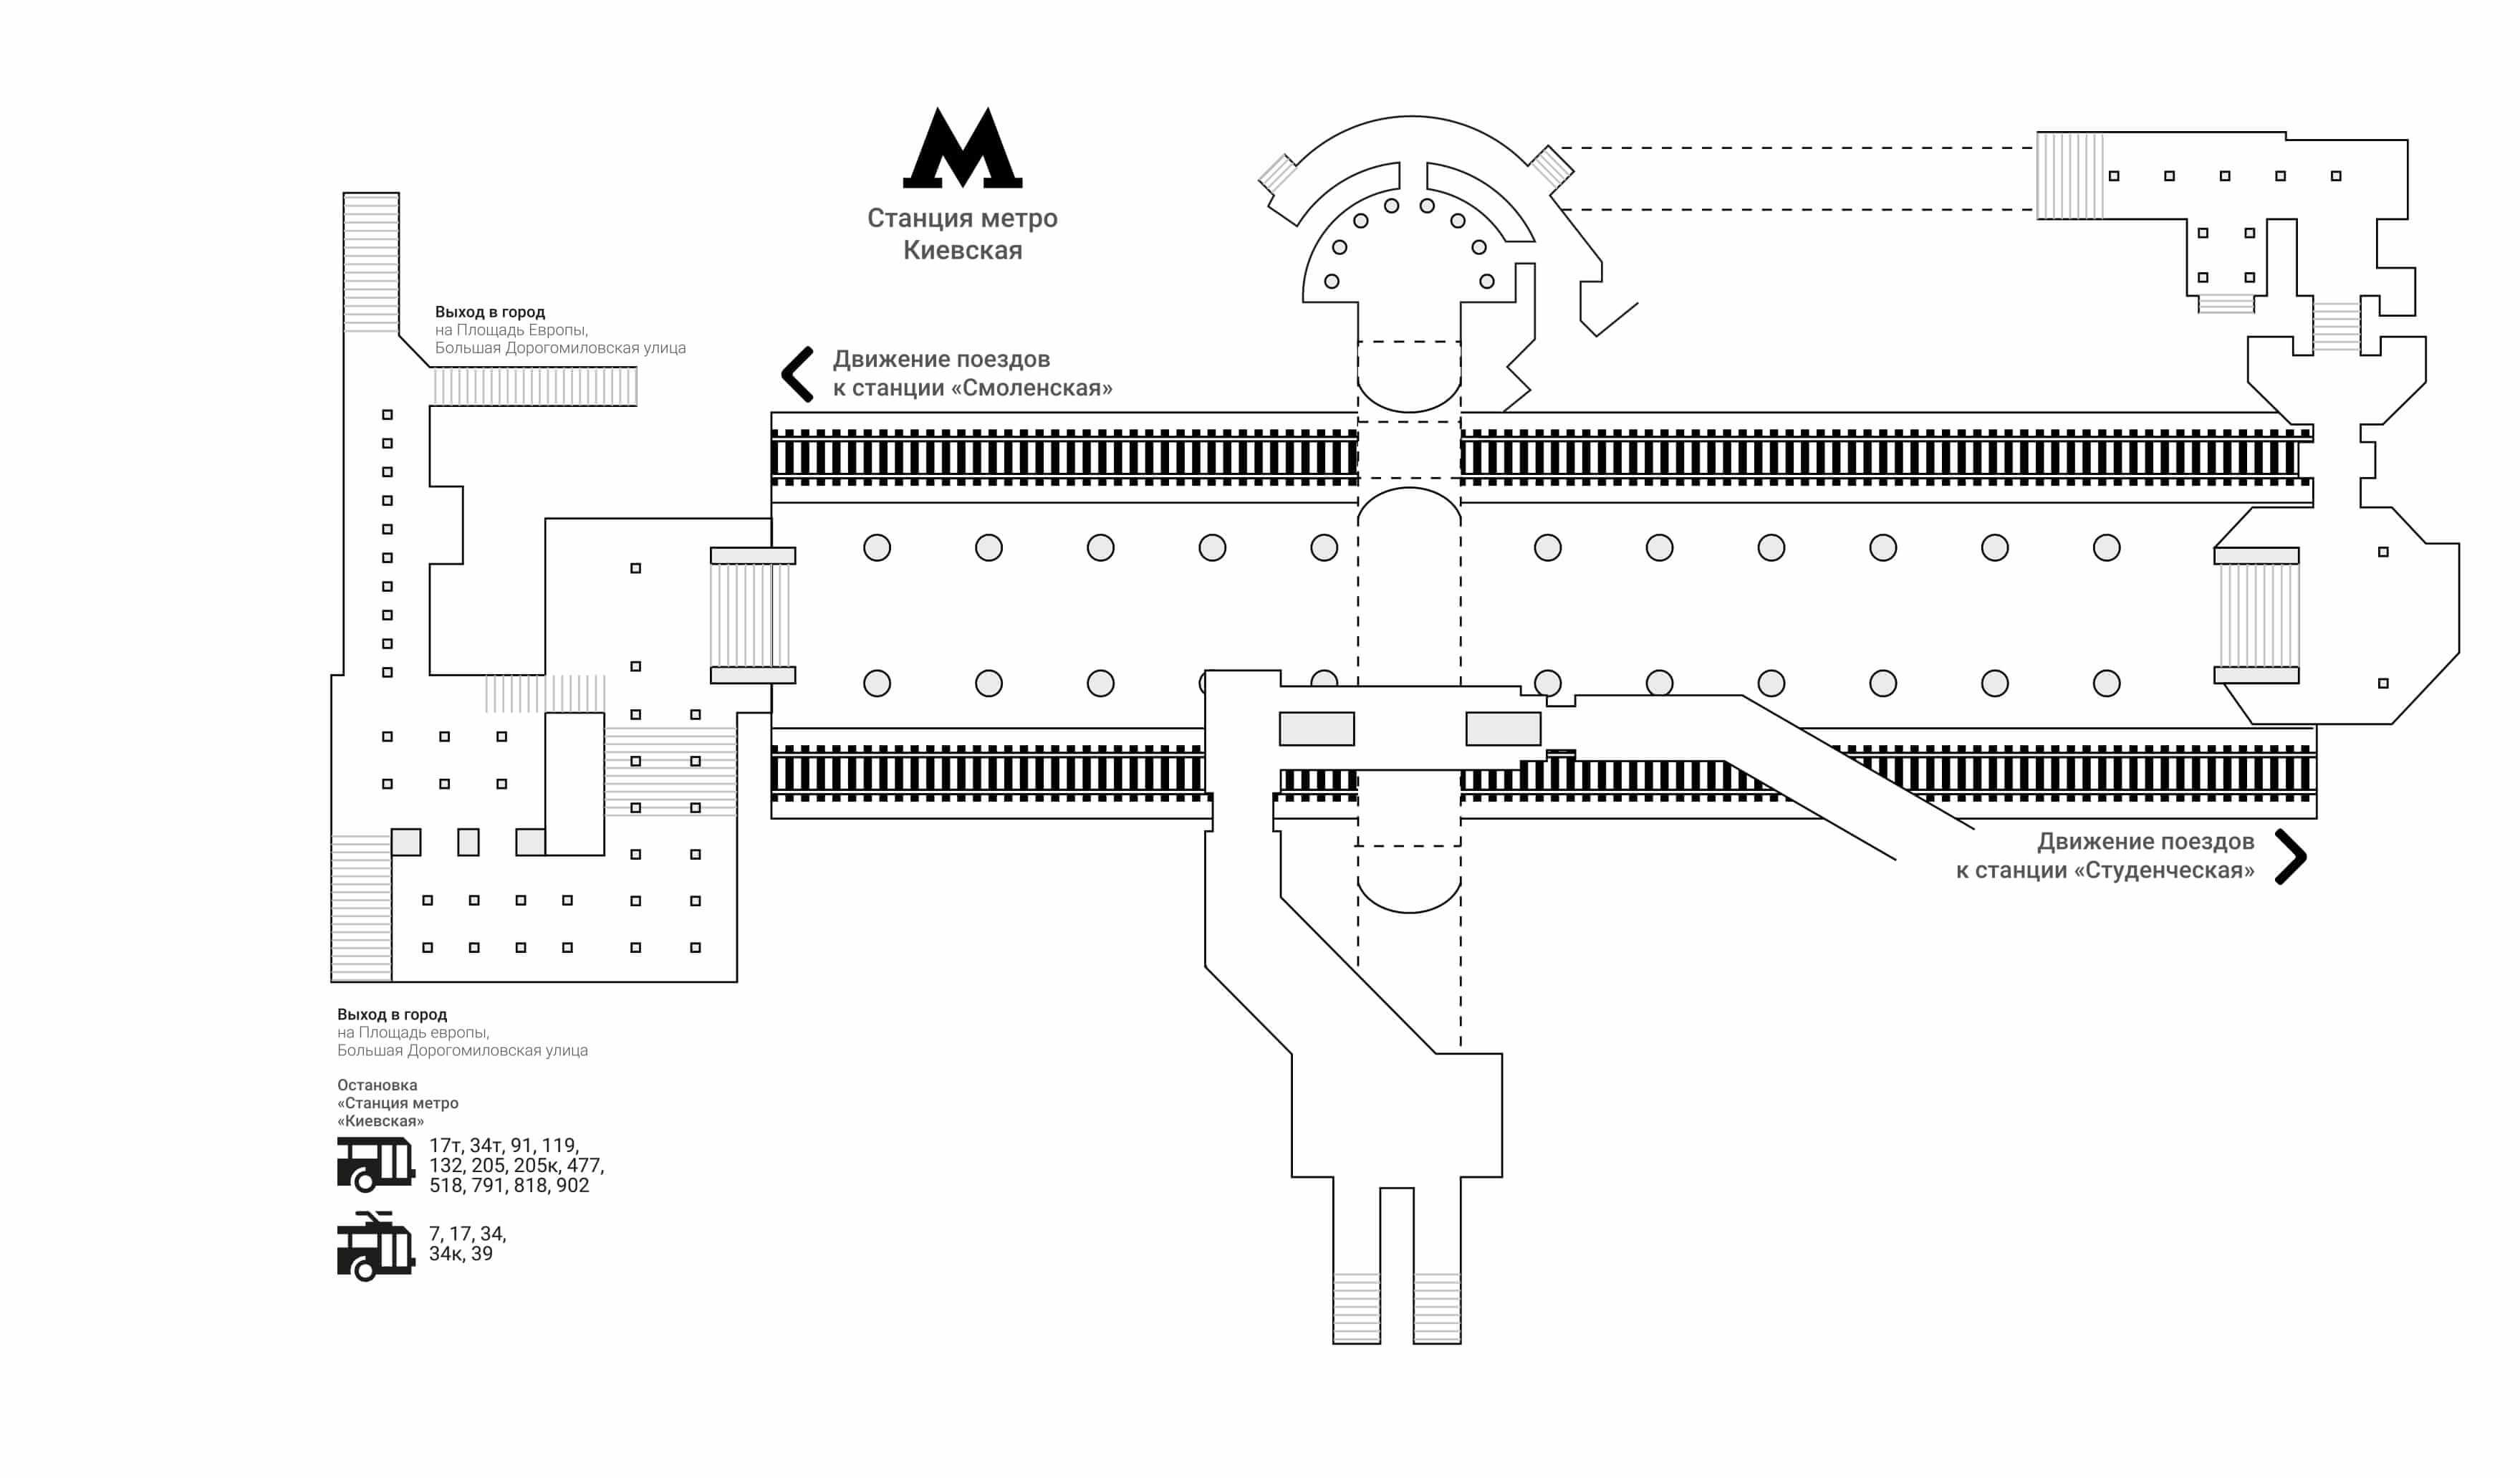 метро нахимовское схема